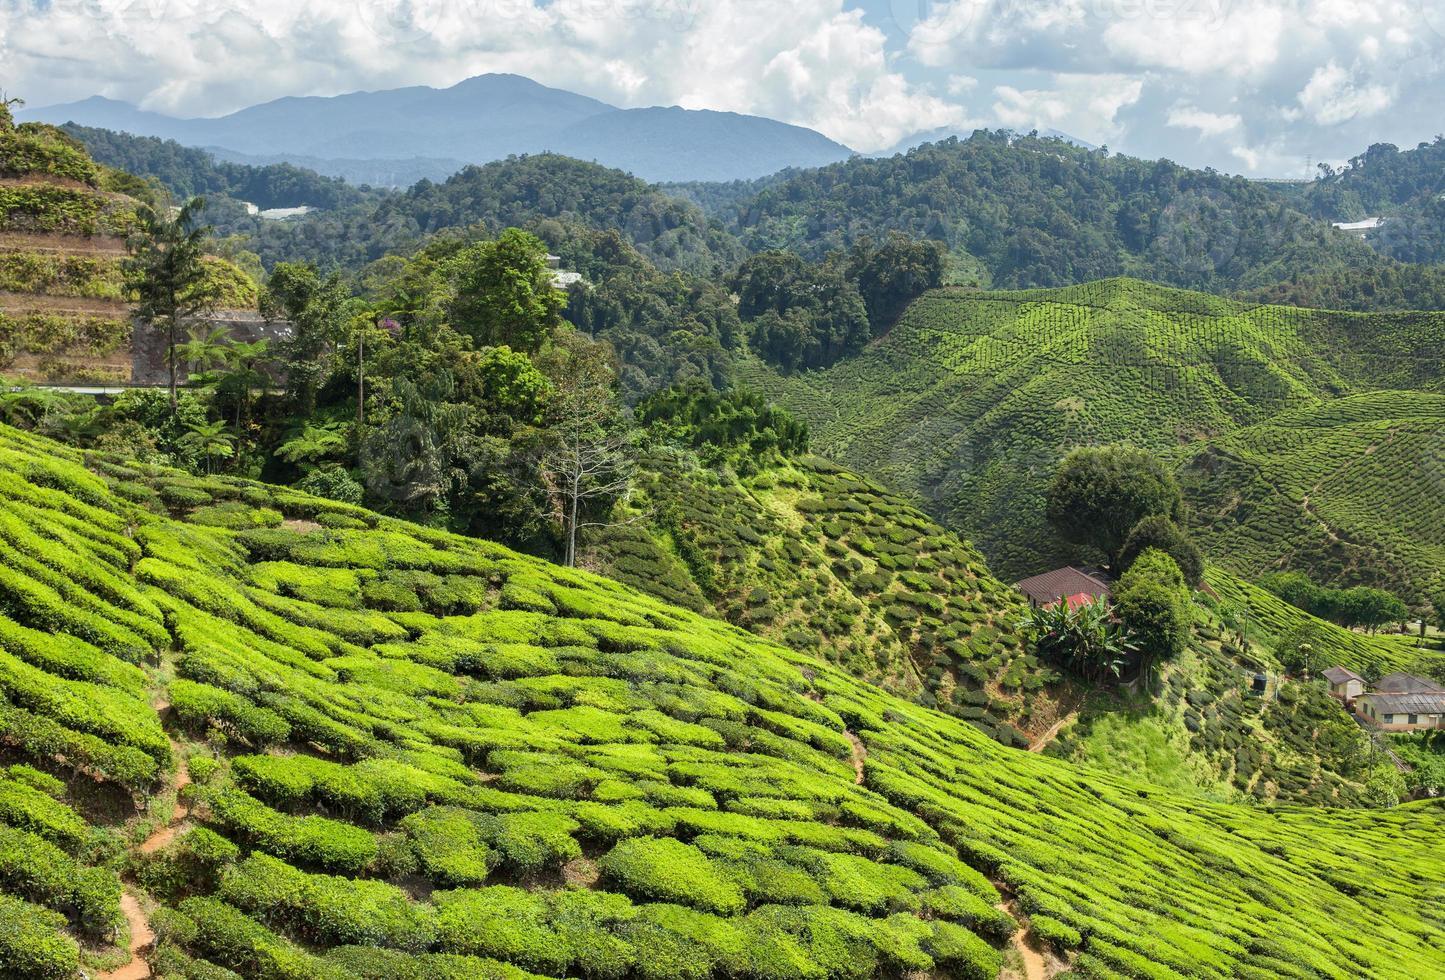 plantación de té en las montañas foto